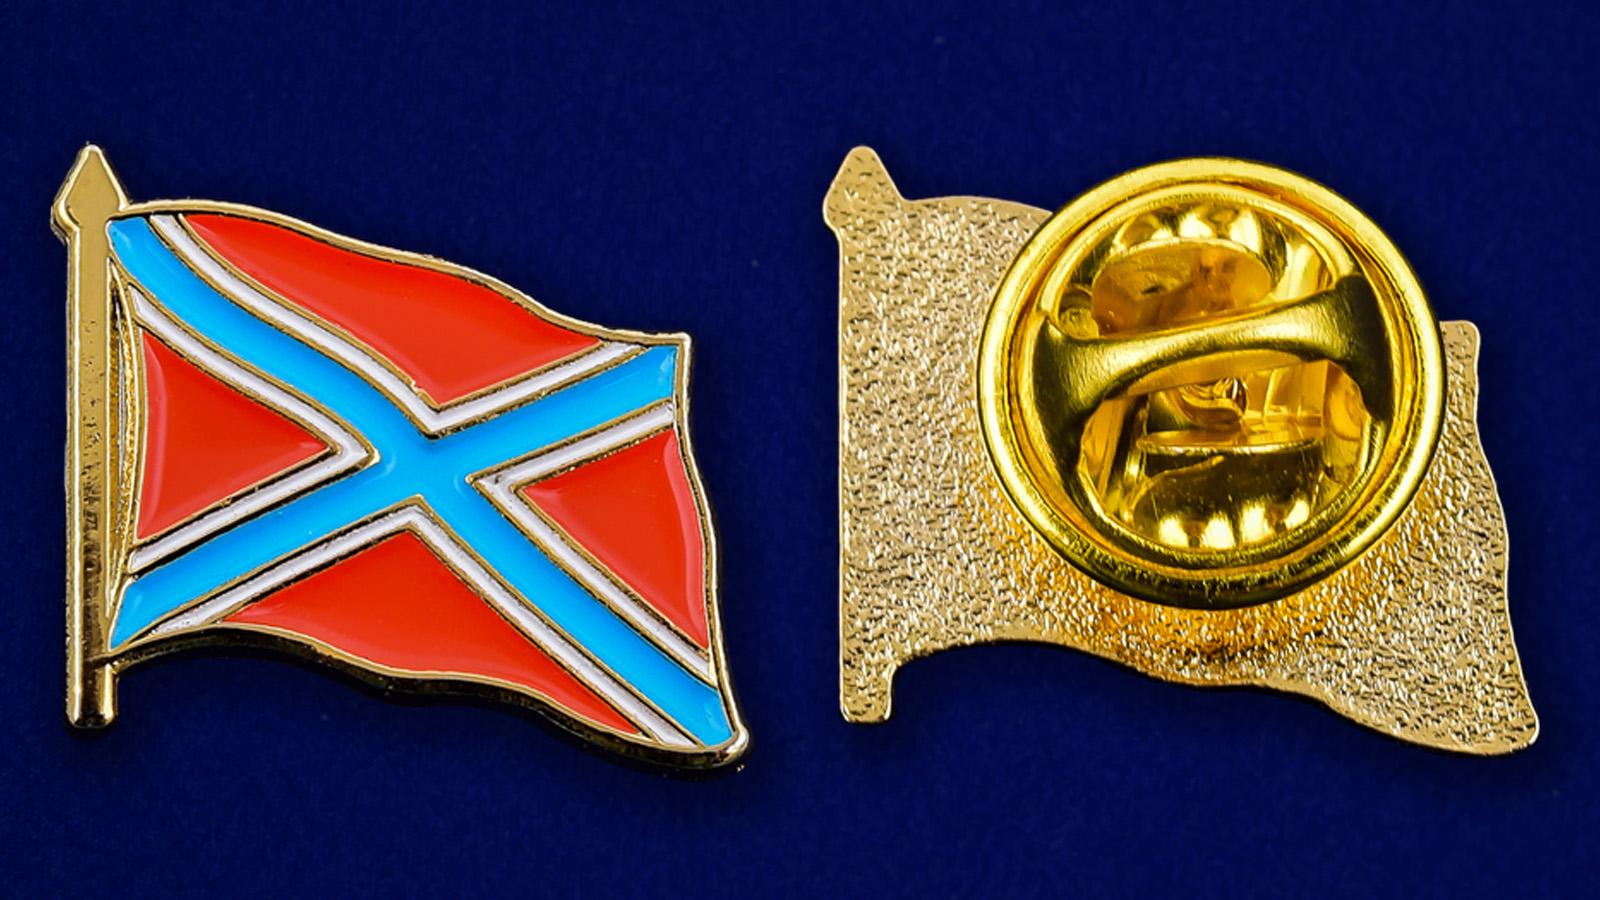 Поспешите заказать значок с боевым флагом Новороссии